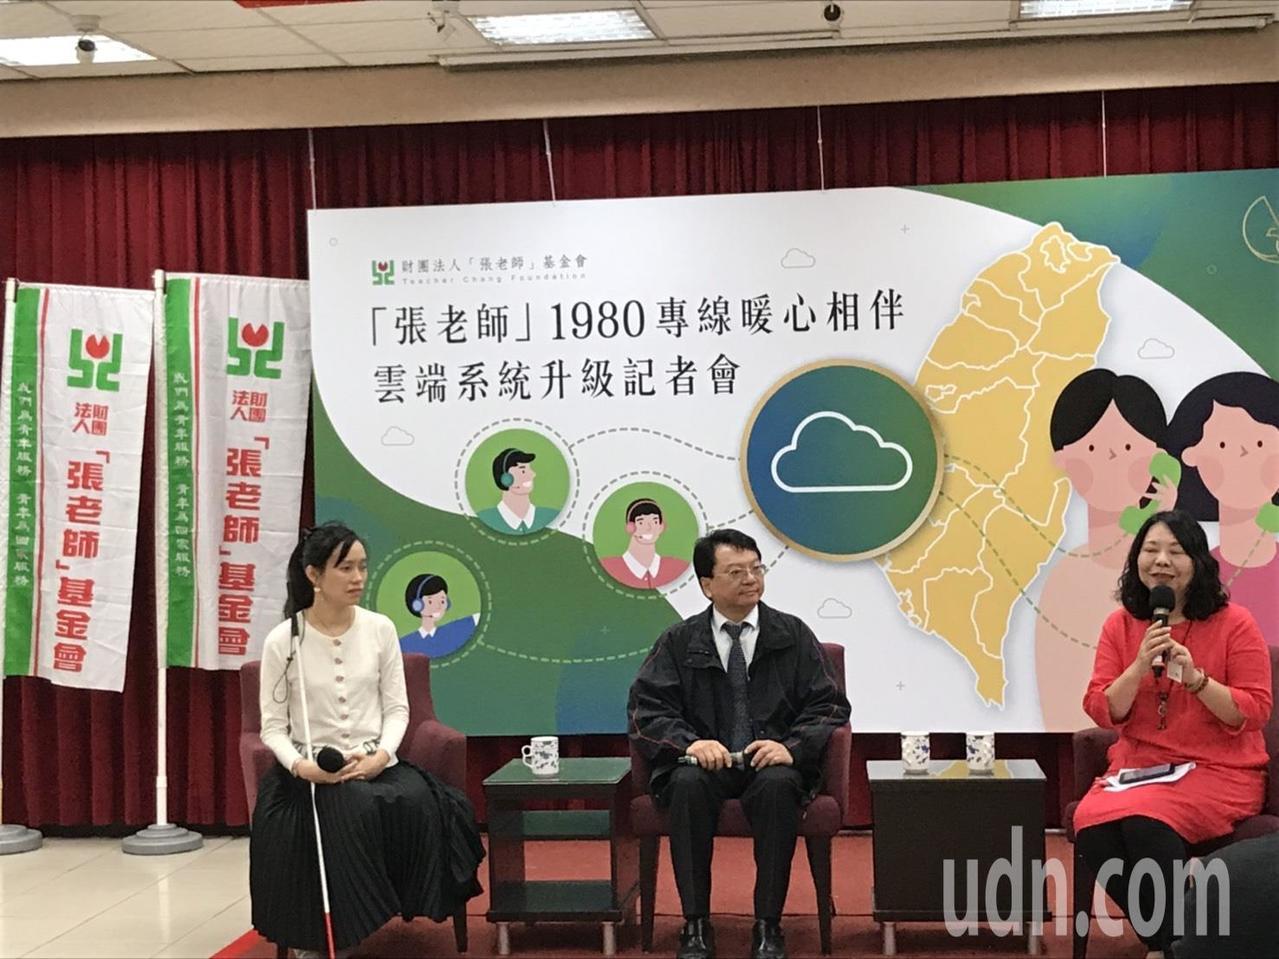 張老師基金會舉行50周年基金會,宣布雲端系統升級。記者潘乃欣/攝影